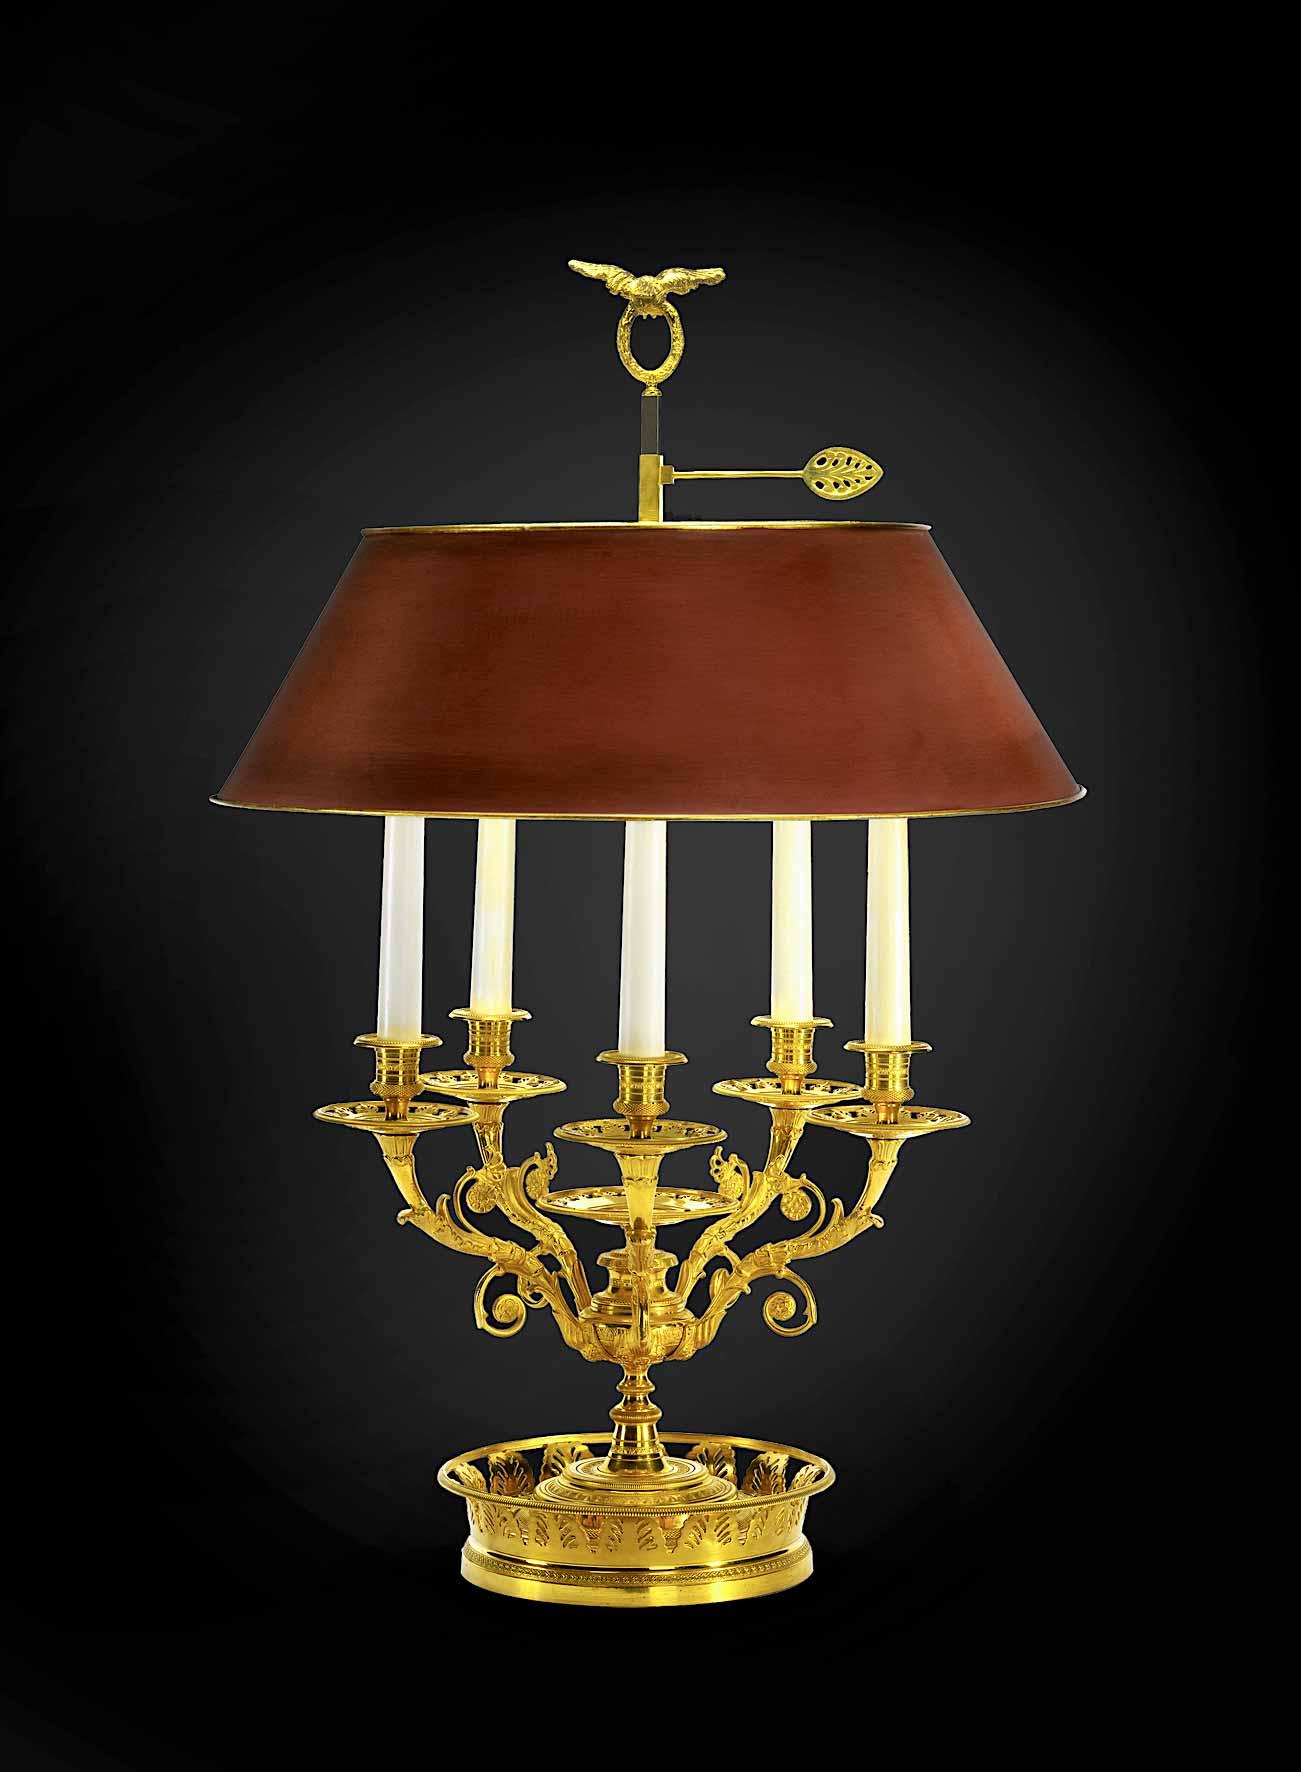 Lampes & lampadaires - 13074